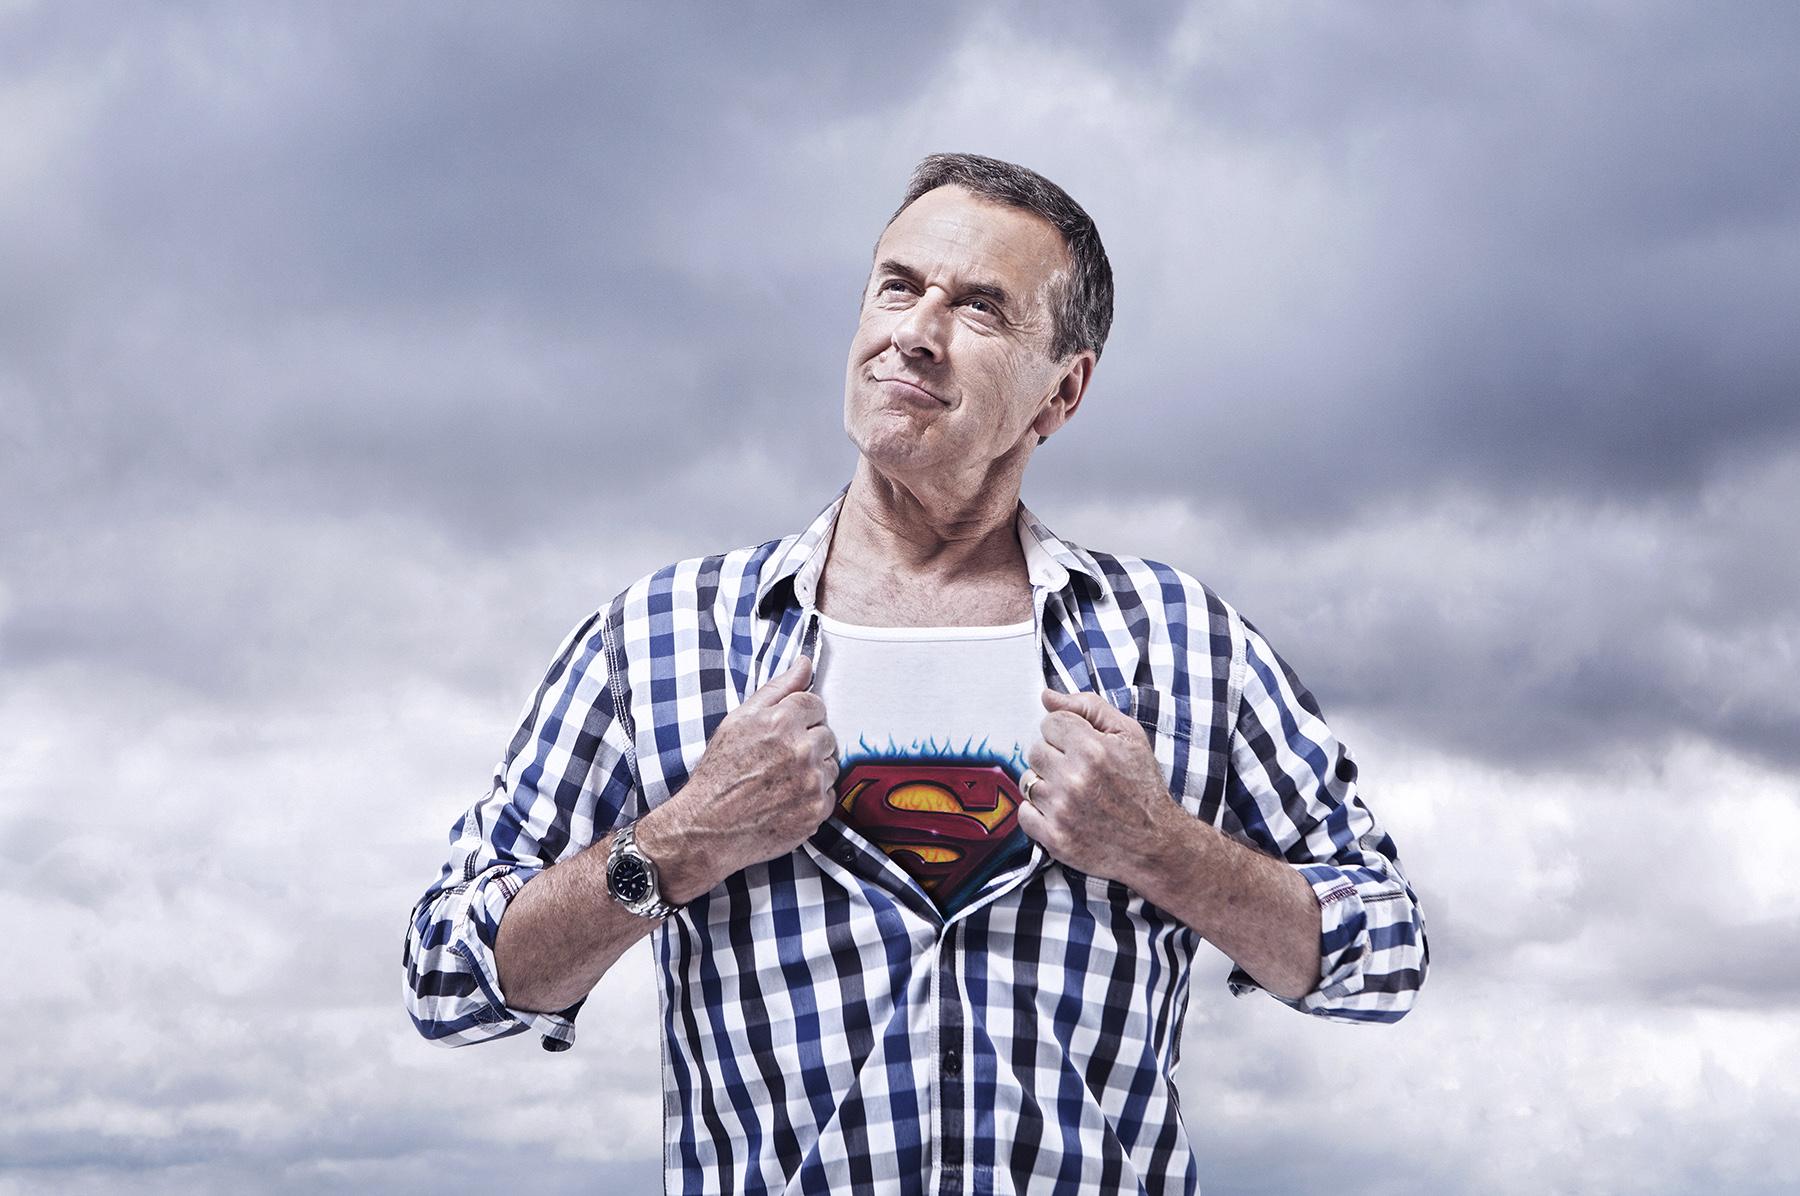 Dan Prince - Super me - man in check shirt